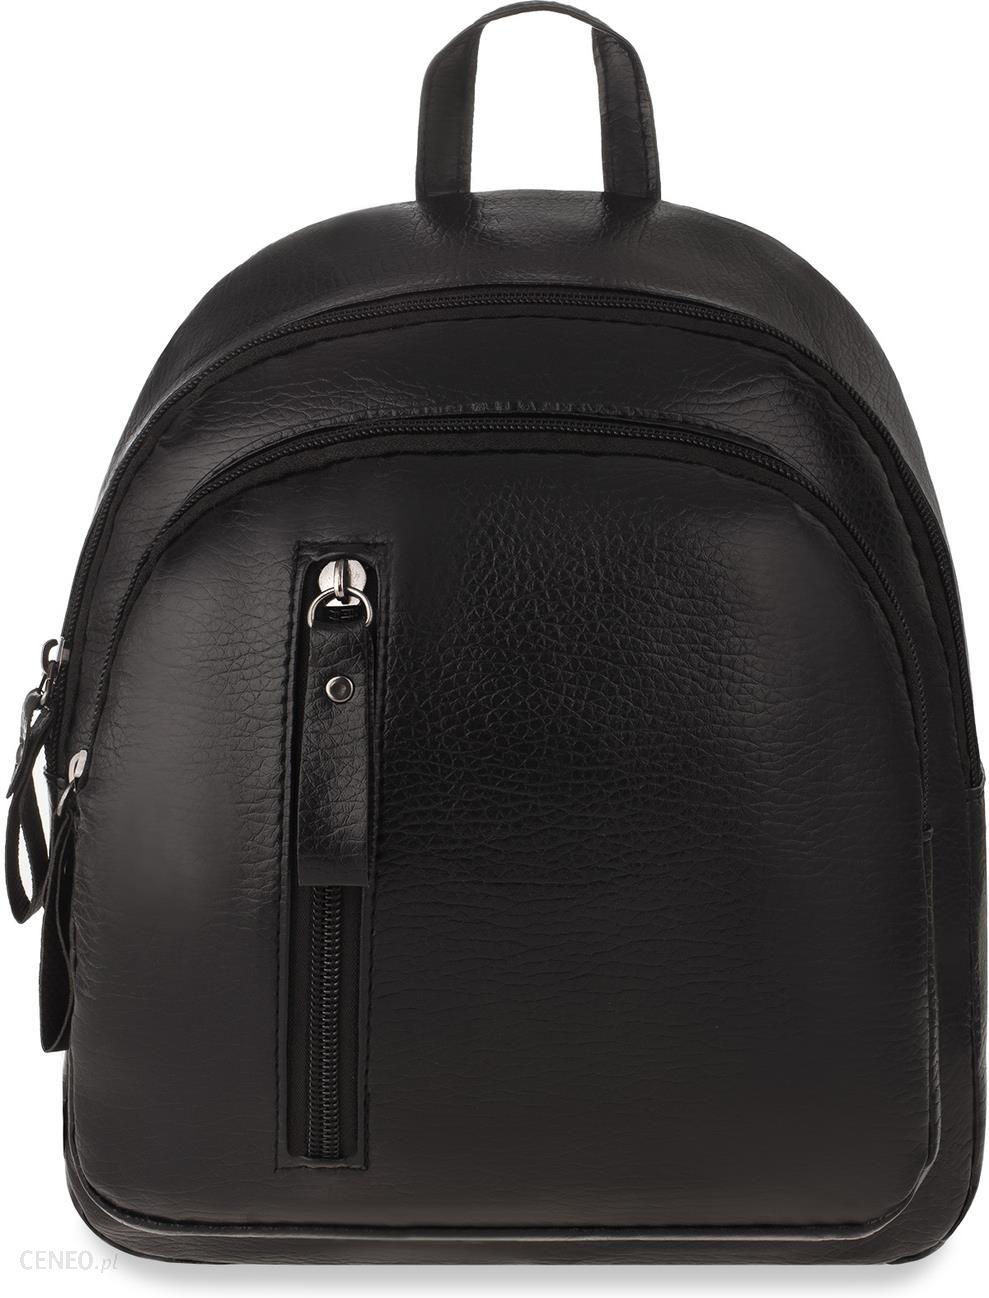 e4321f205046b Mały plecak damski miejski plecaczek jedno i dwuramienny – czarny - zdjęcie  1